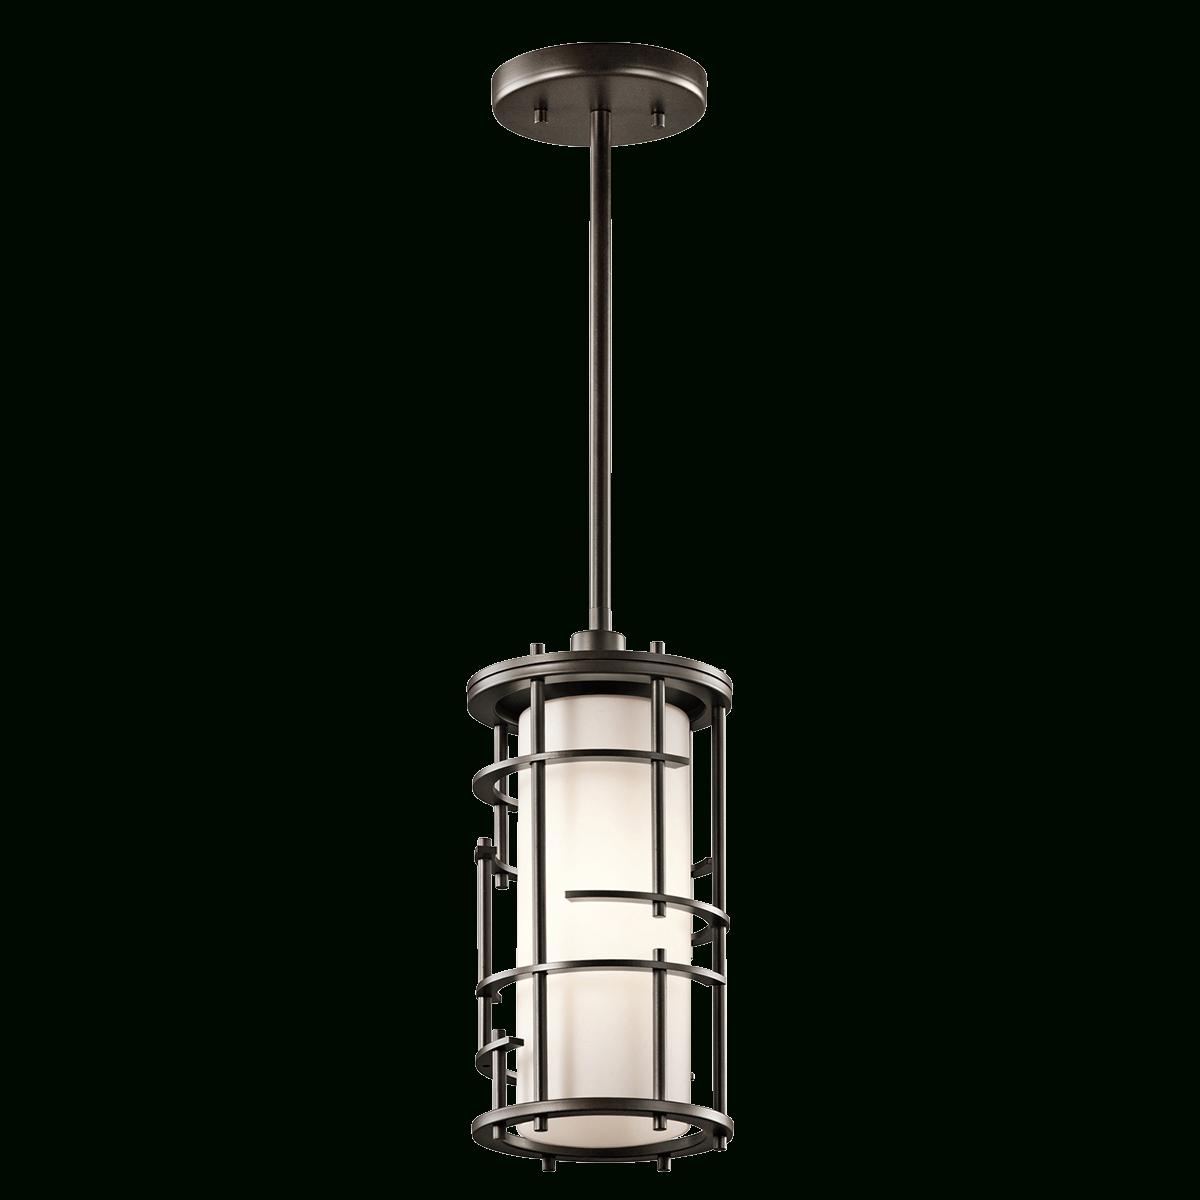 Synergy Lighting Intended For Kraker 1 Light Single Cylinder Pendants (Gallery 11 of 20)